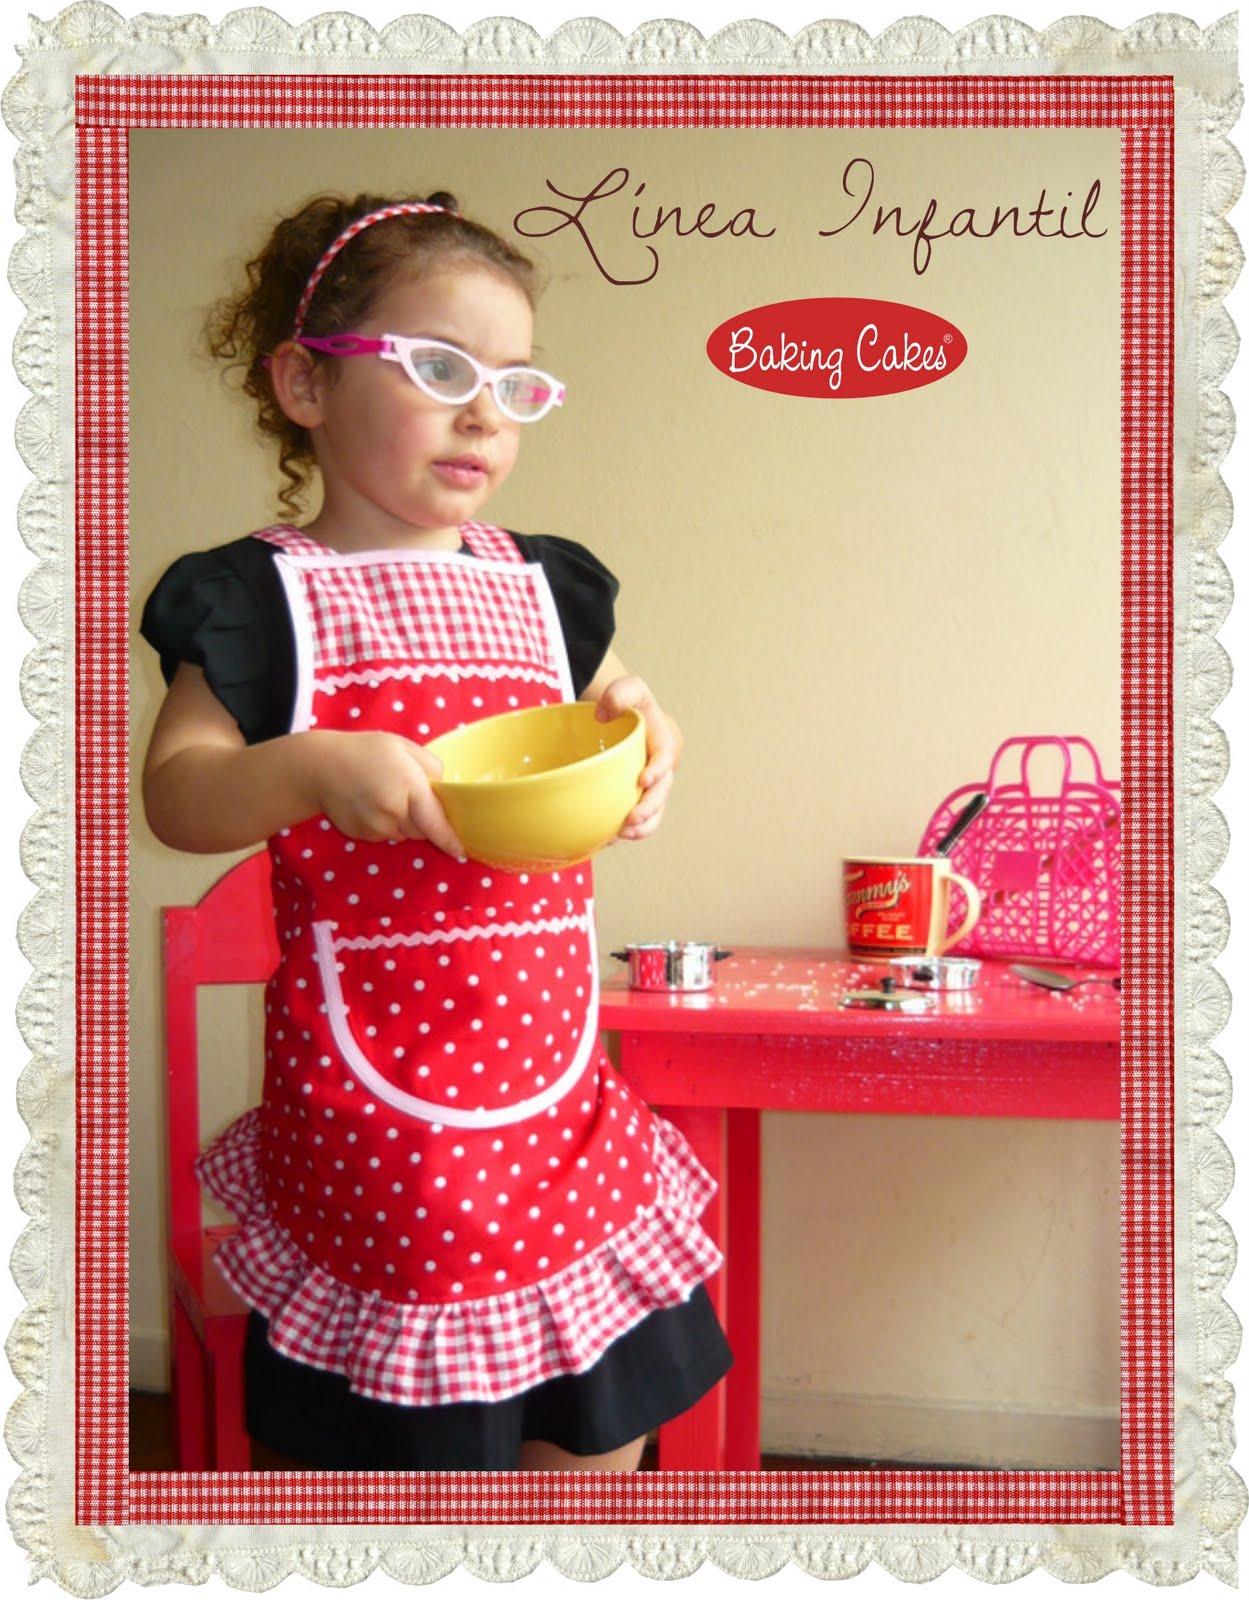 Baking cakes delantales y accesorios de cocina agosto 2011 - Modelos de delantales de cocina ...